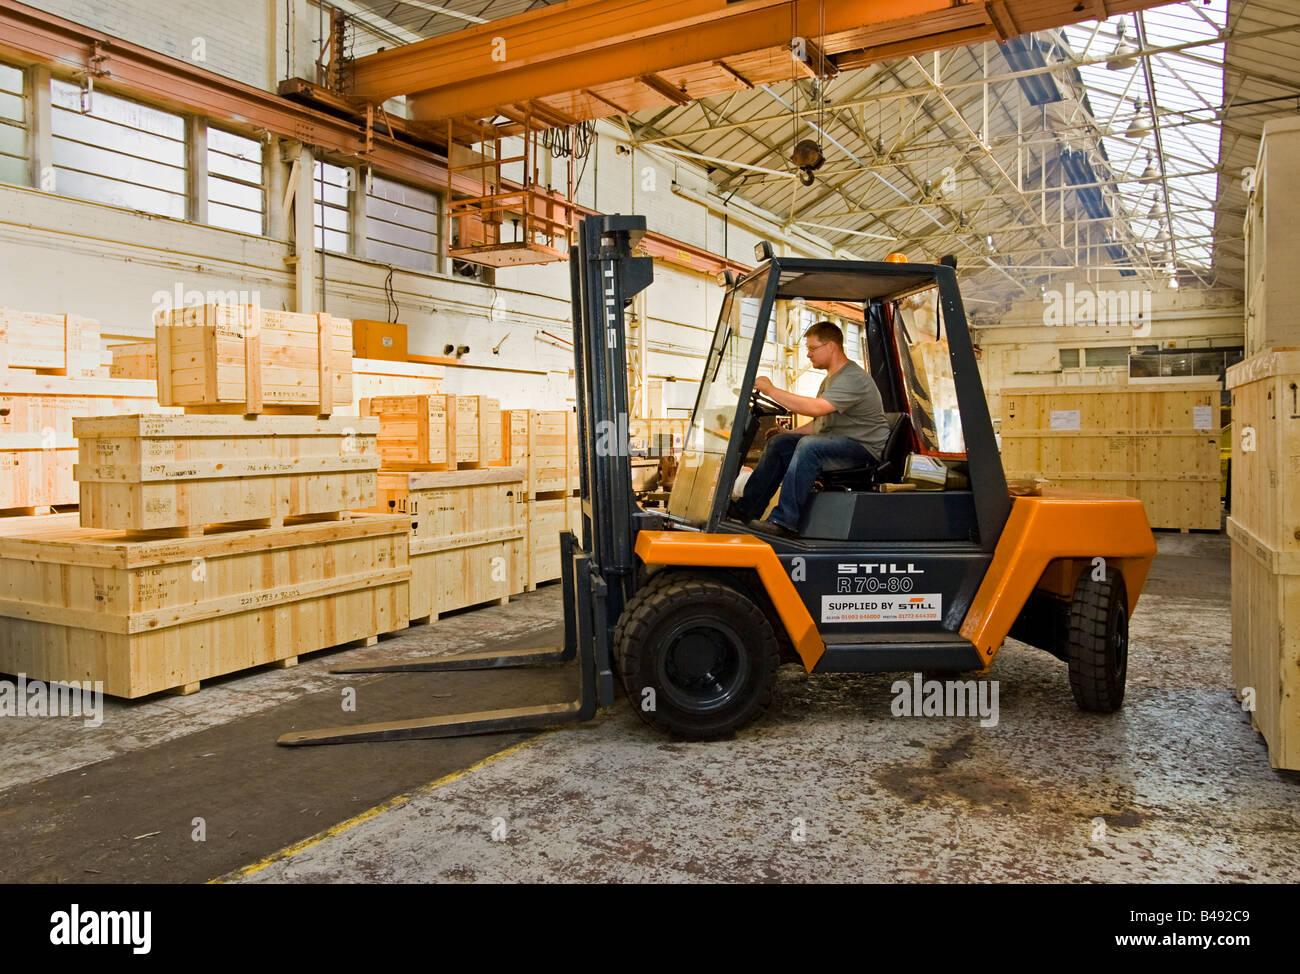 Warehouse - homme roulant chariot élévateur, UK Photo Stock